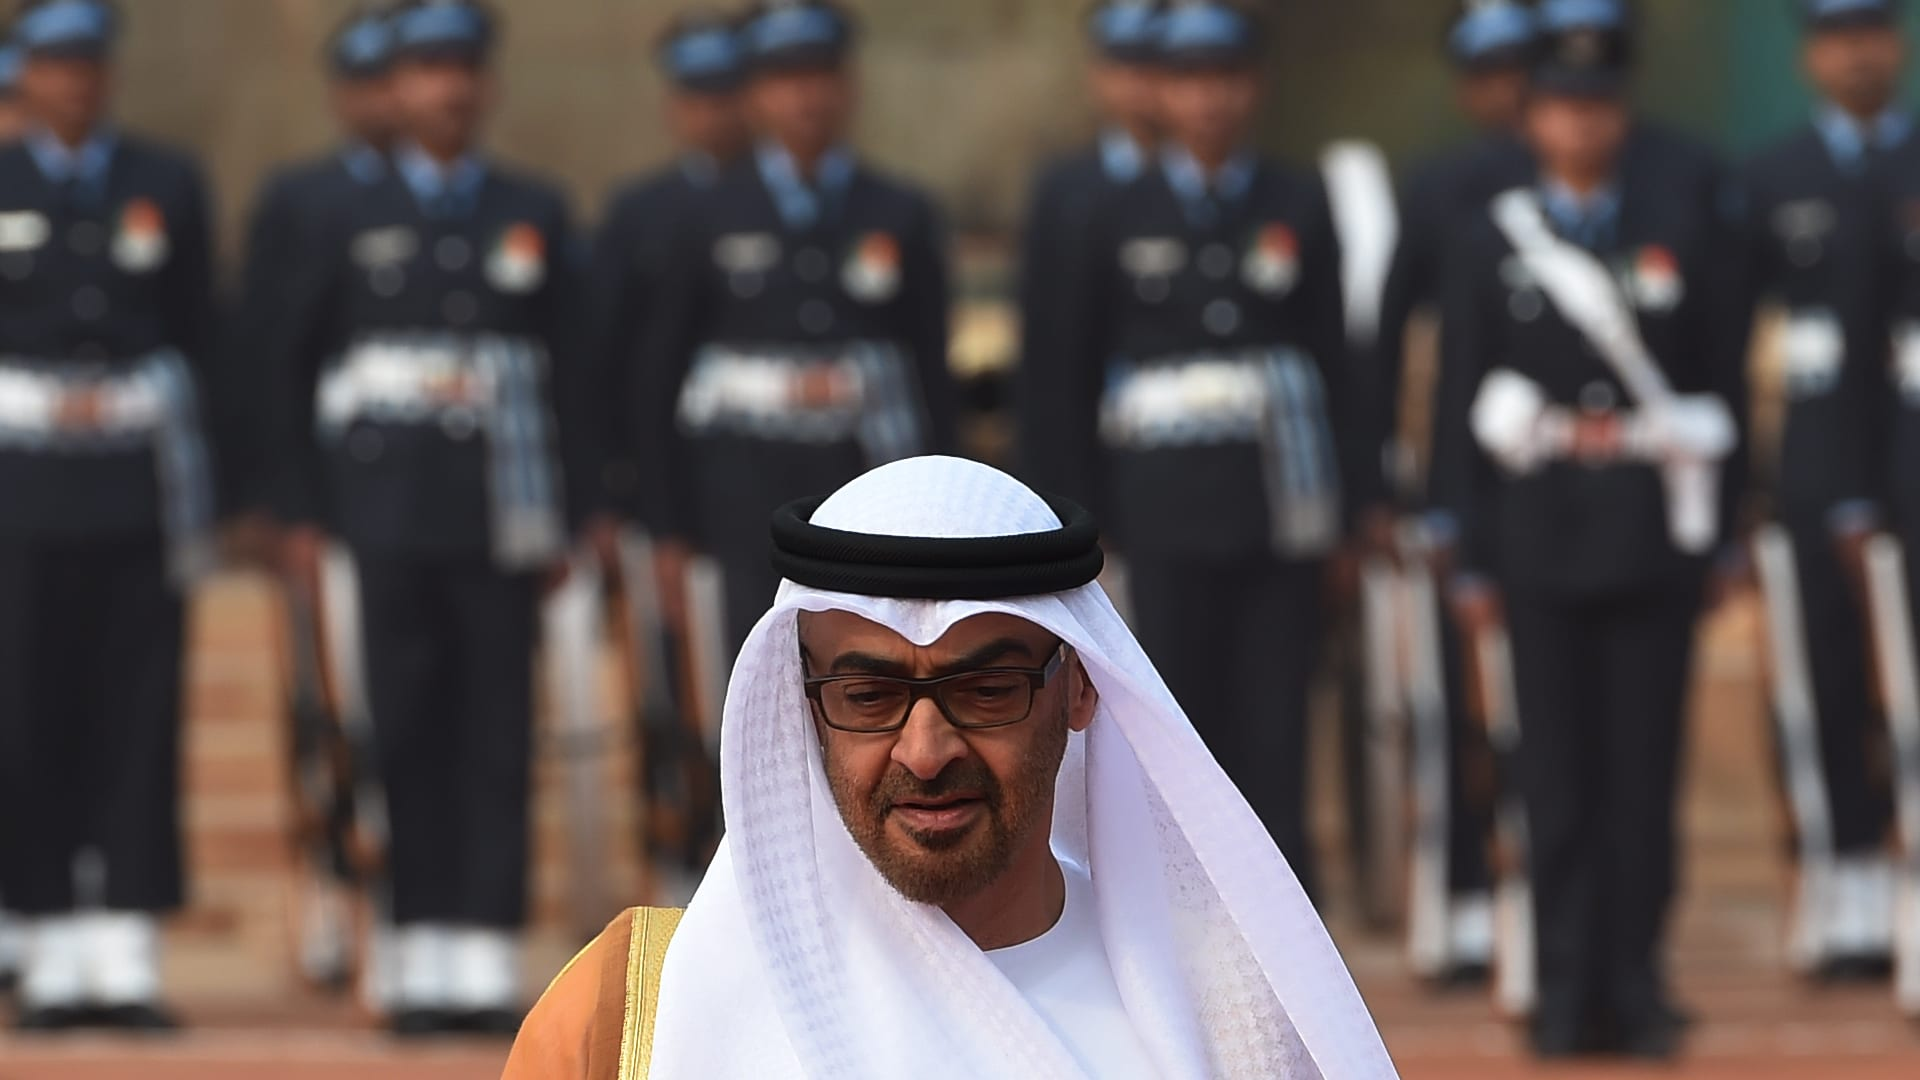 الشيخ محمد بن زايدولي عهد أبوظبي نائب القائد الأعلى للقوات المسلحة